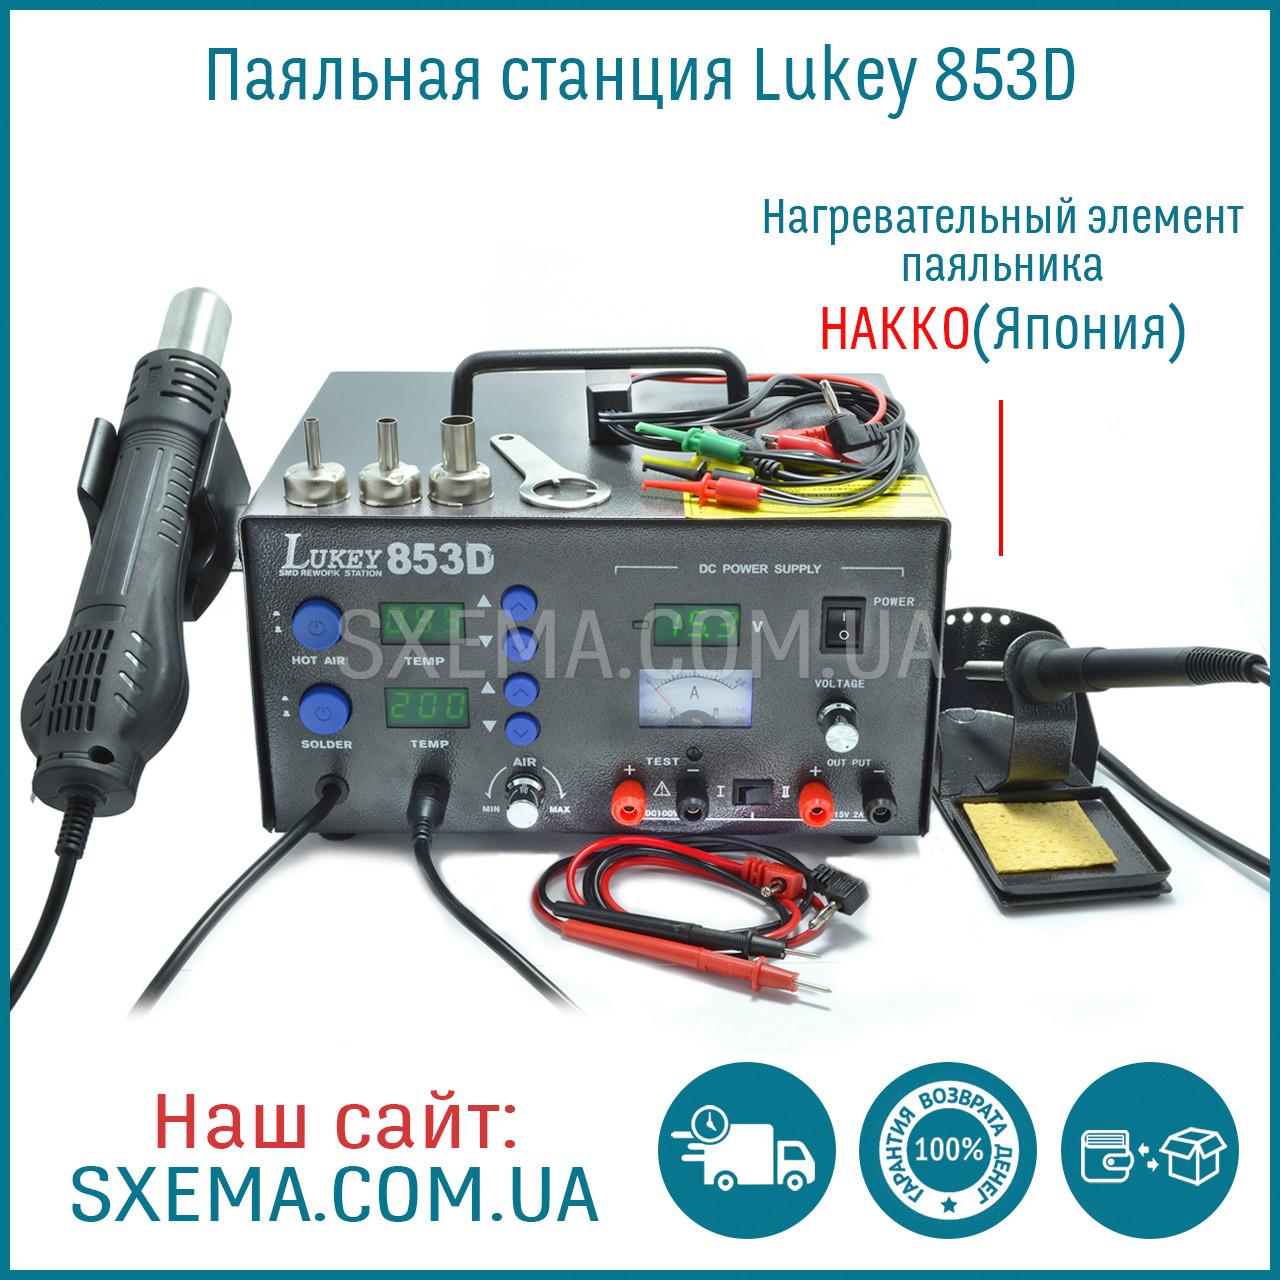 Паяльная станция Lukey 853D, блок питания 2А / 0-15В, пяльник + фен